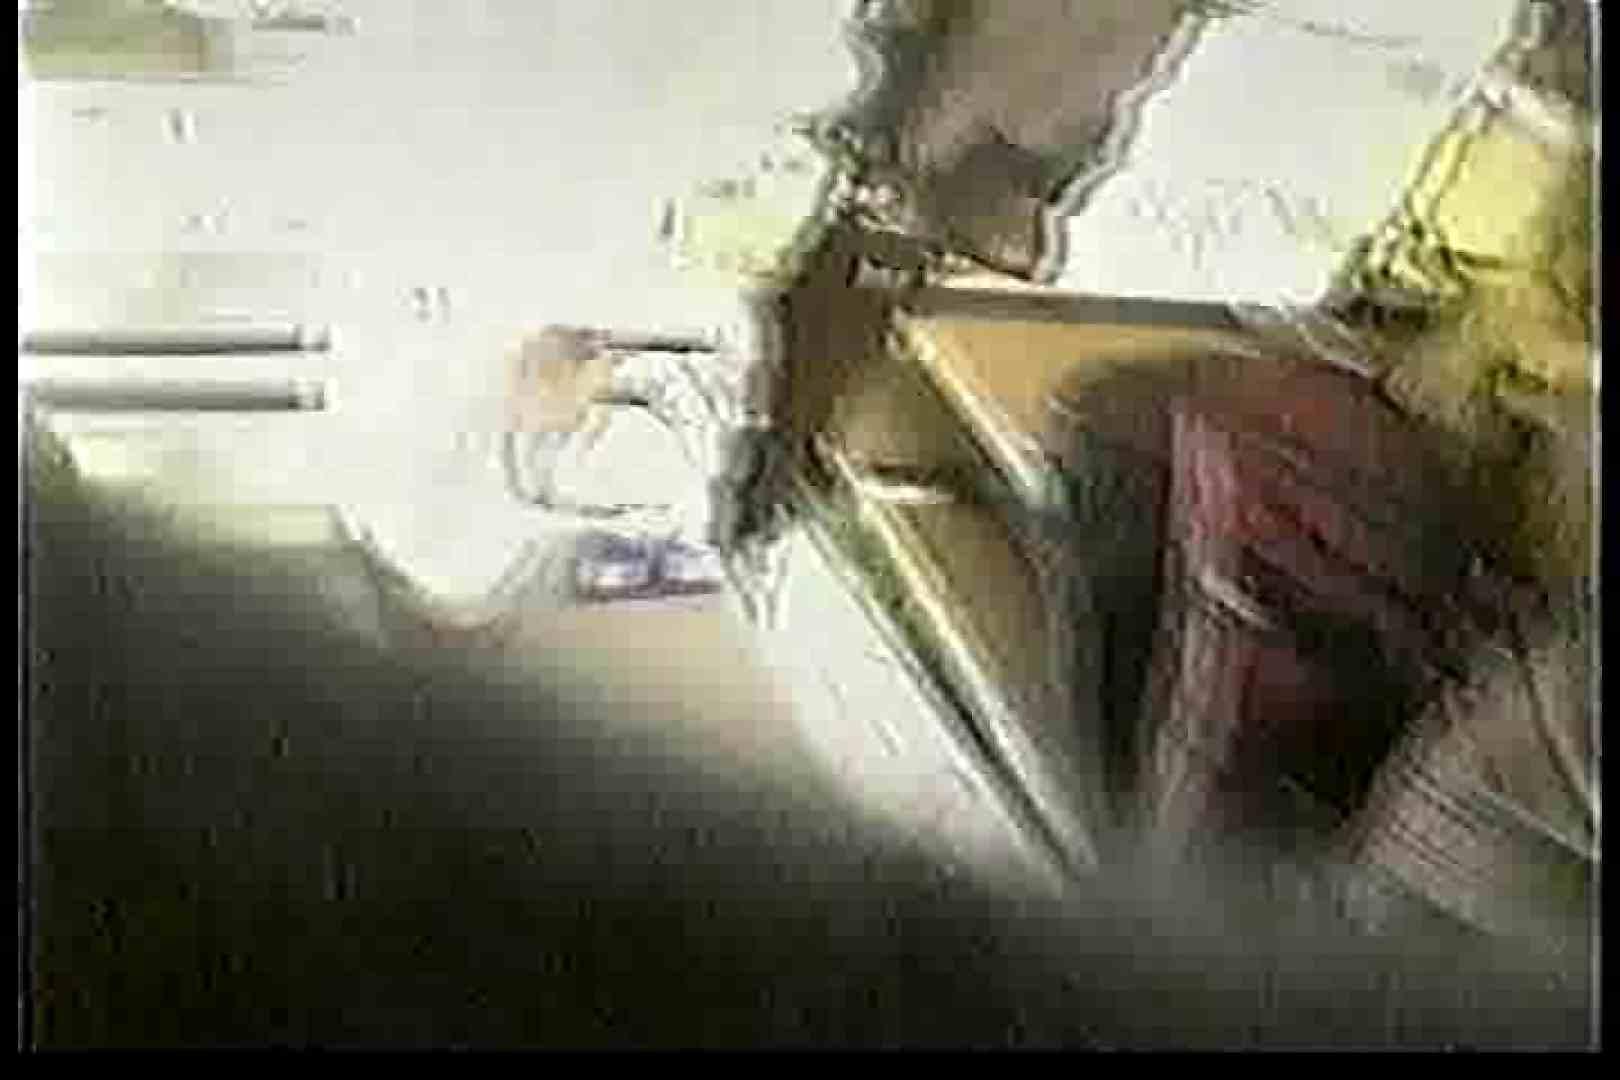 院内密着!看護婦達の下半身事情Vol.2 エロティックなOL ワレメ無修正動画無料 79画像 2